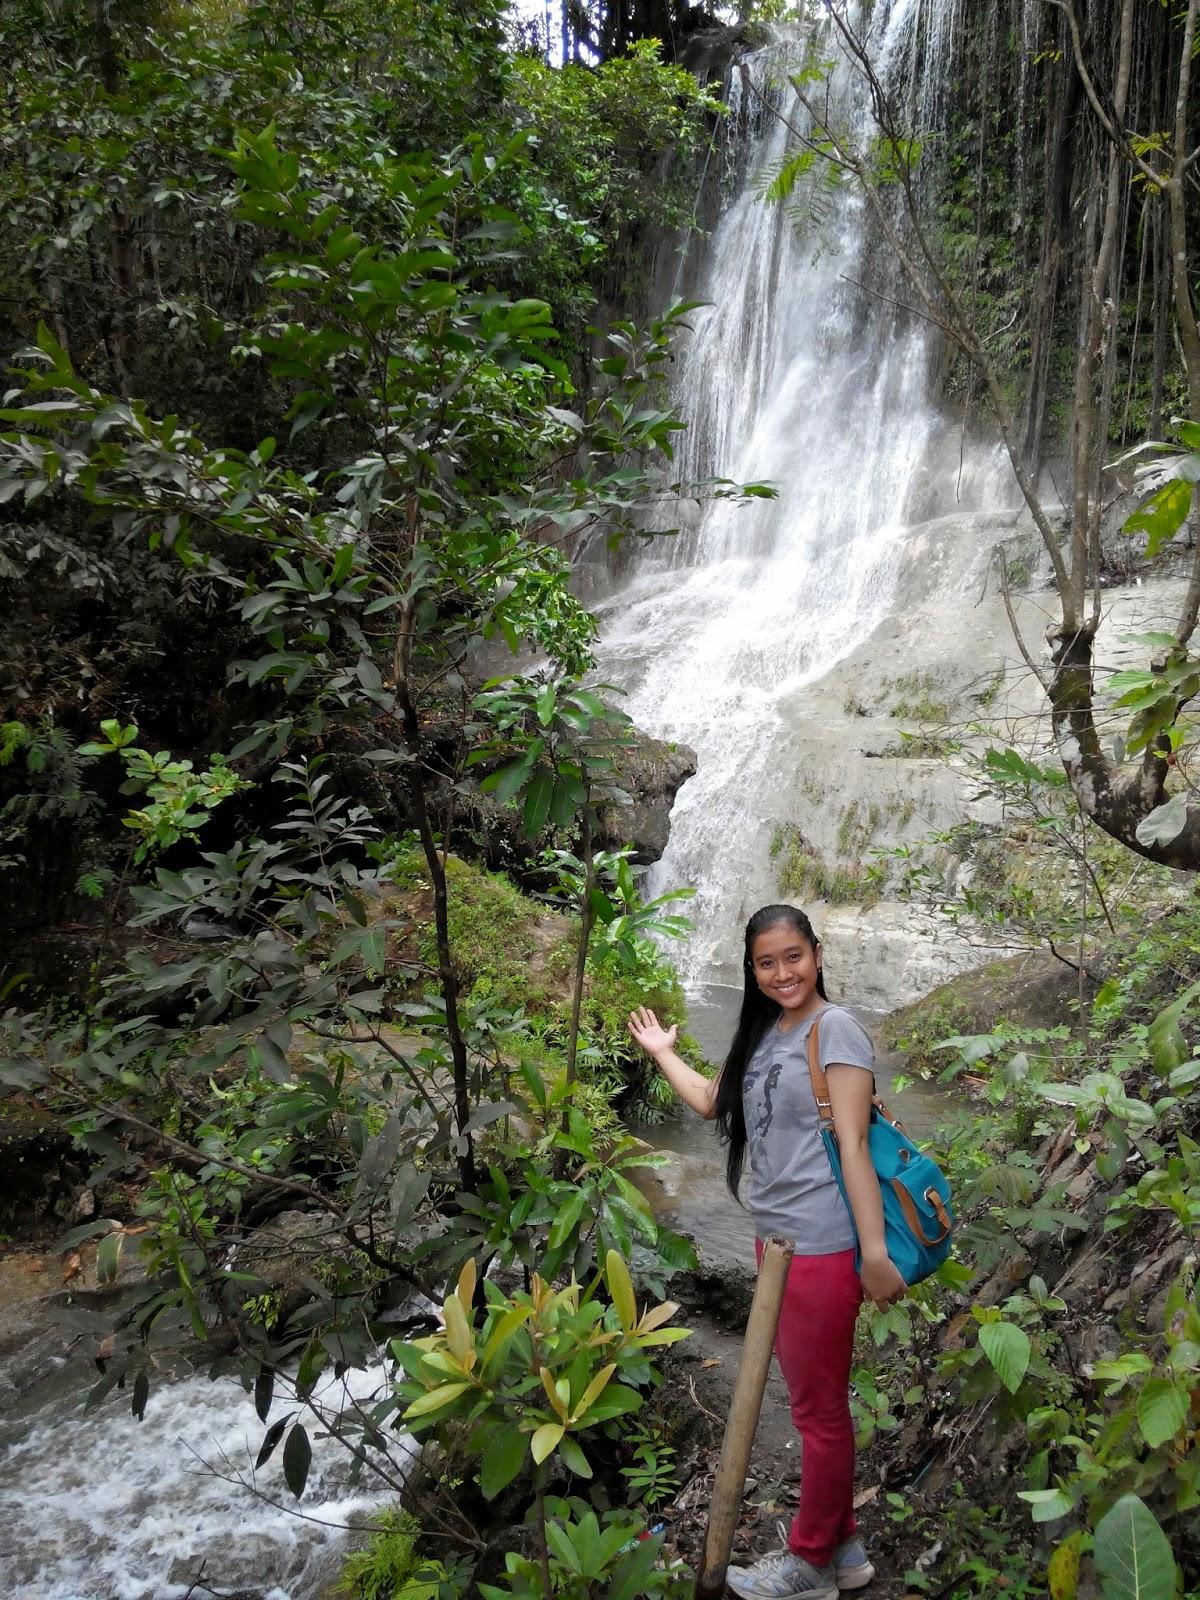 Putra Putri Bantul 2014 Goa Selarong Obyek Wisata Sahabat Menikmati